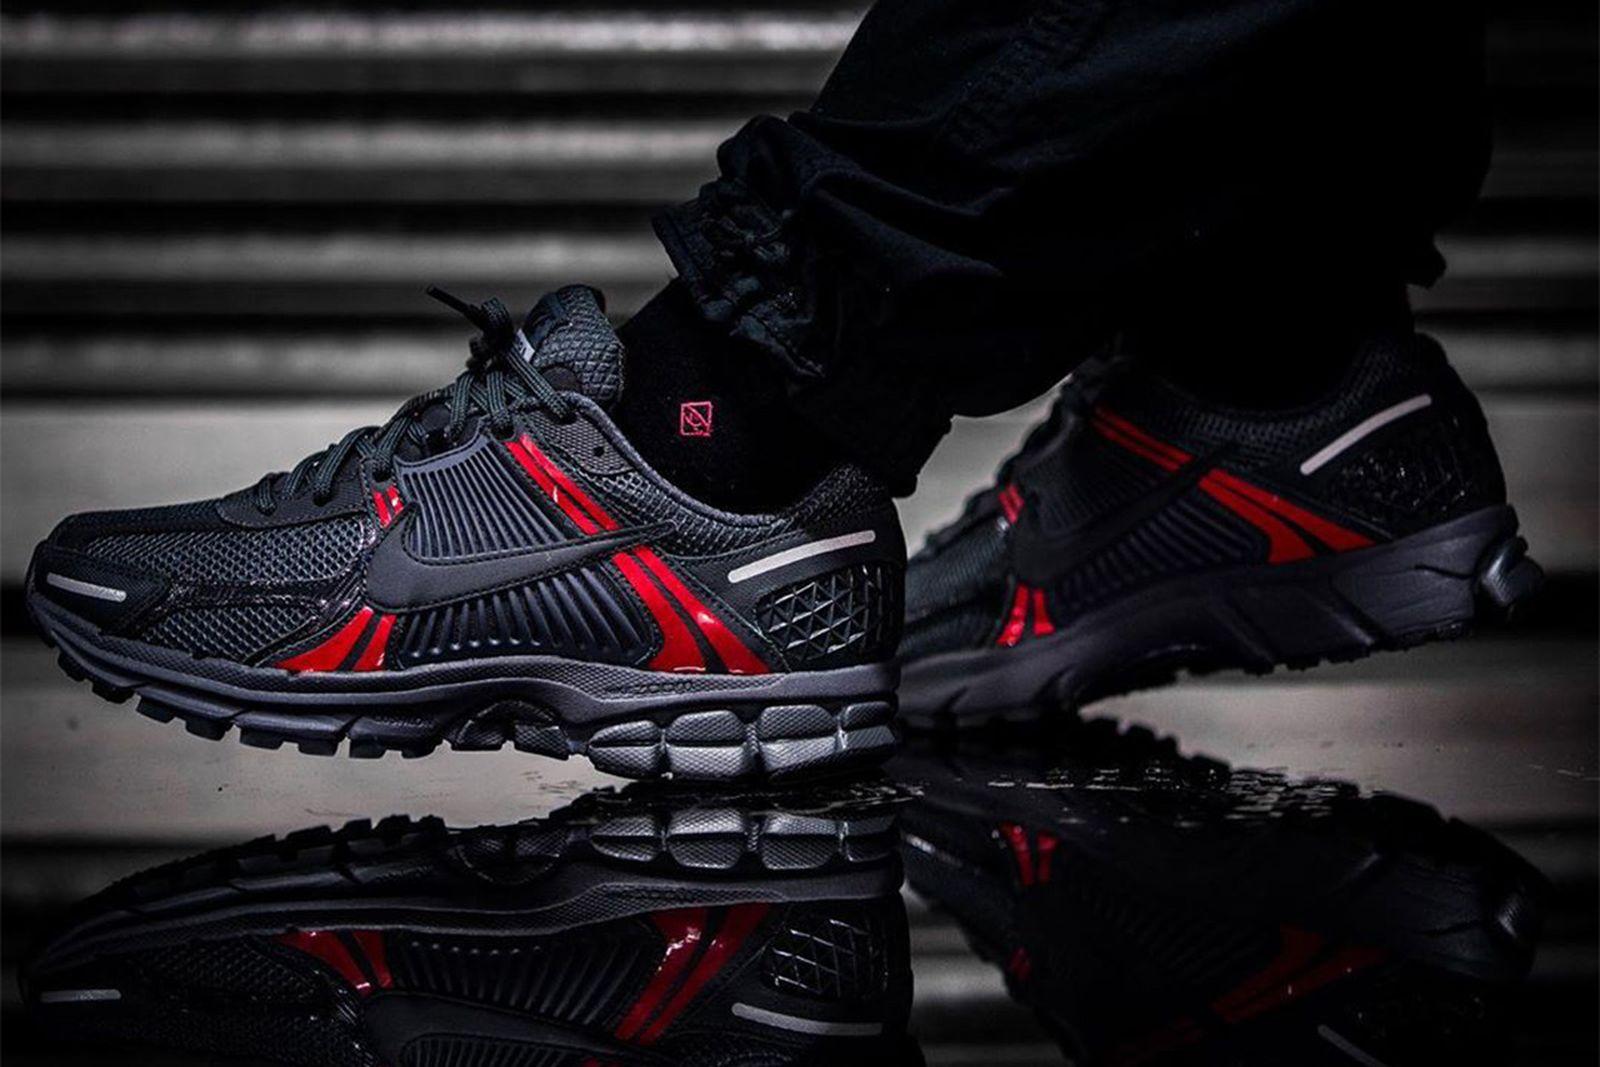 black red nike zoom vomero 5 best instagram sneakers ASICS GEL-KAYANO 5 360 ASICS Tiger GEL-Lyte III Nike Air Presto Mid